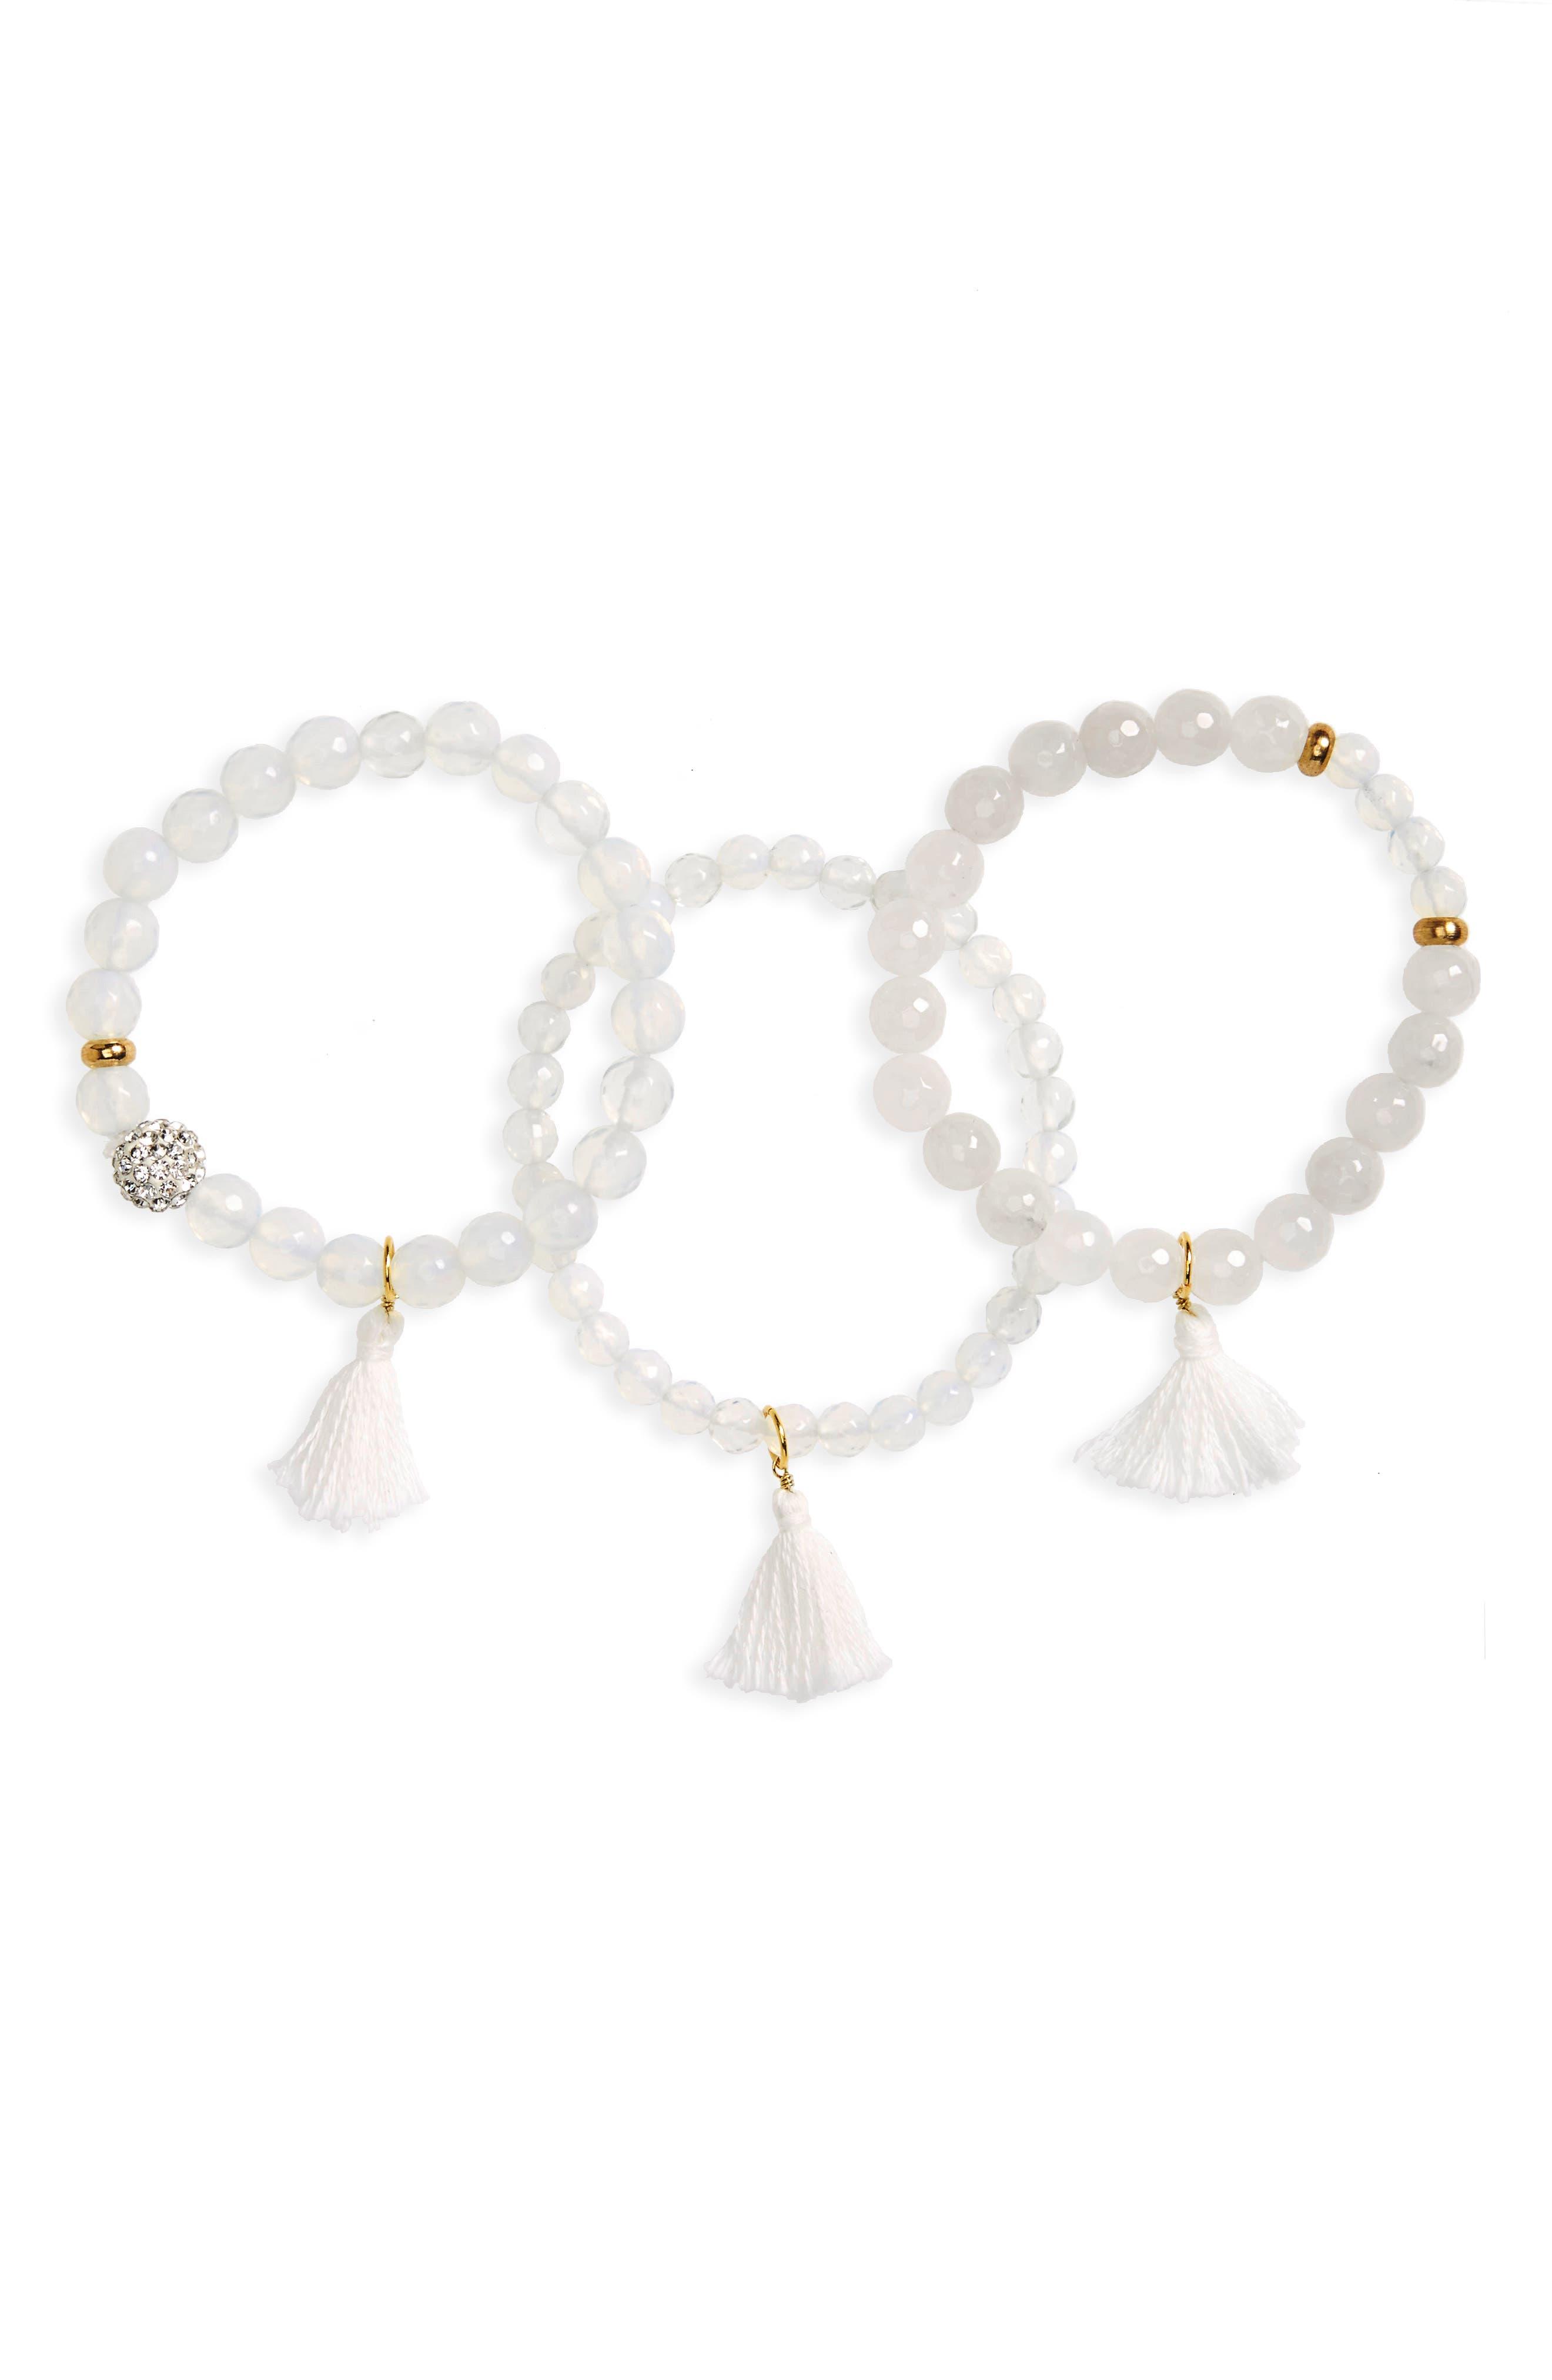 Main Image - Panacea Set of 3 Beaded Stretch Bracelets